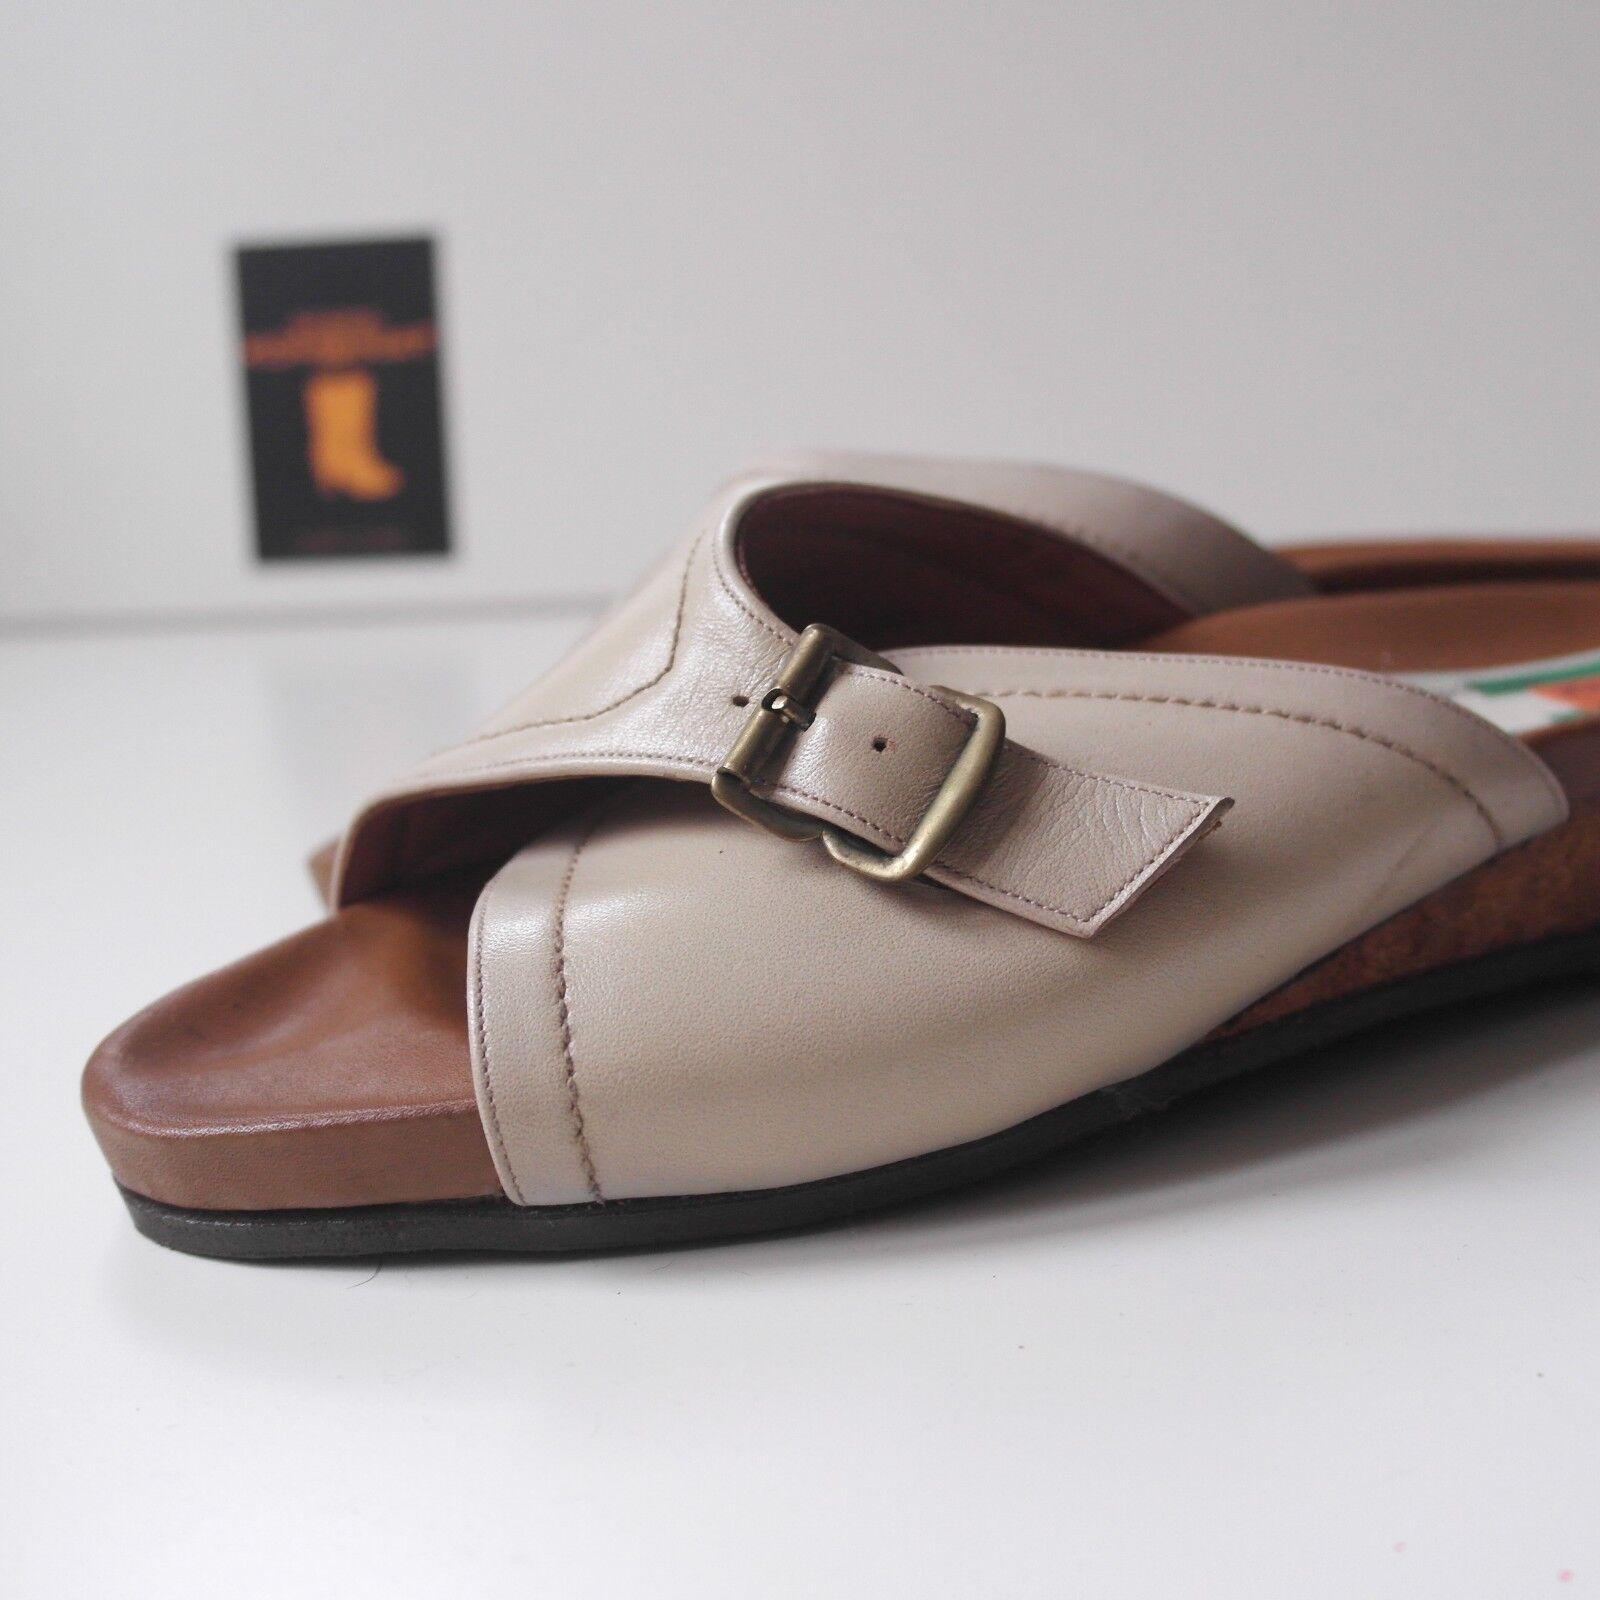 True vintage wörishofer sandalias corcho señora sandalias de cuña zapatos para baño nos